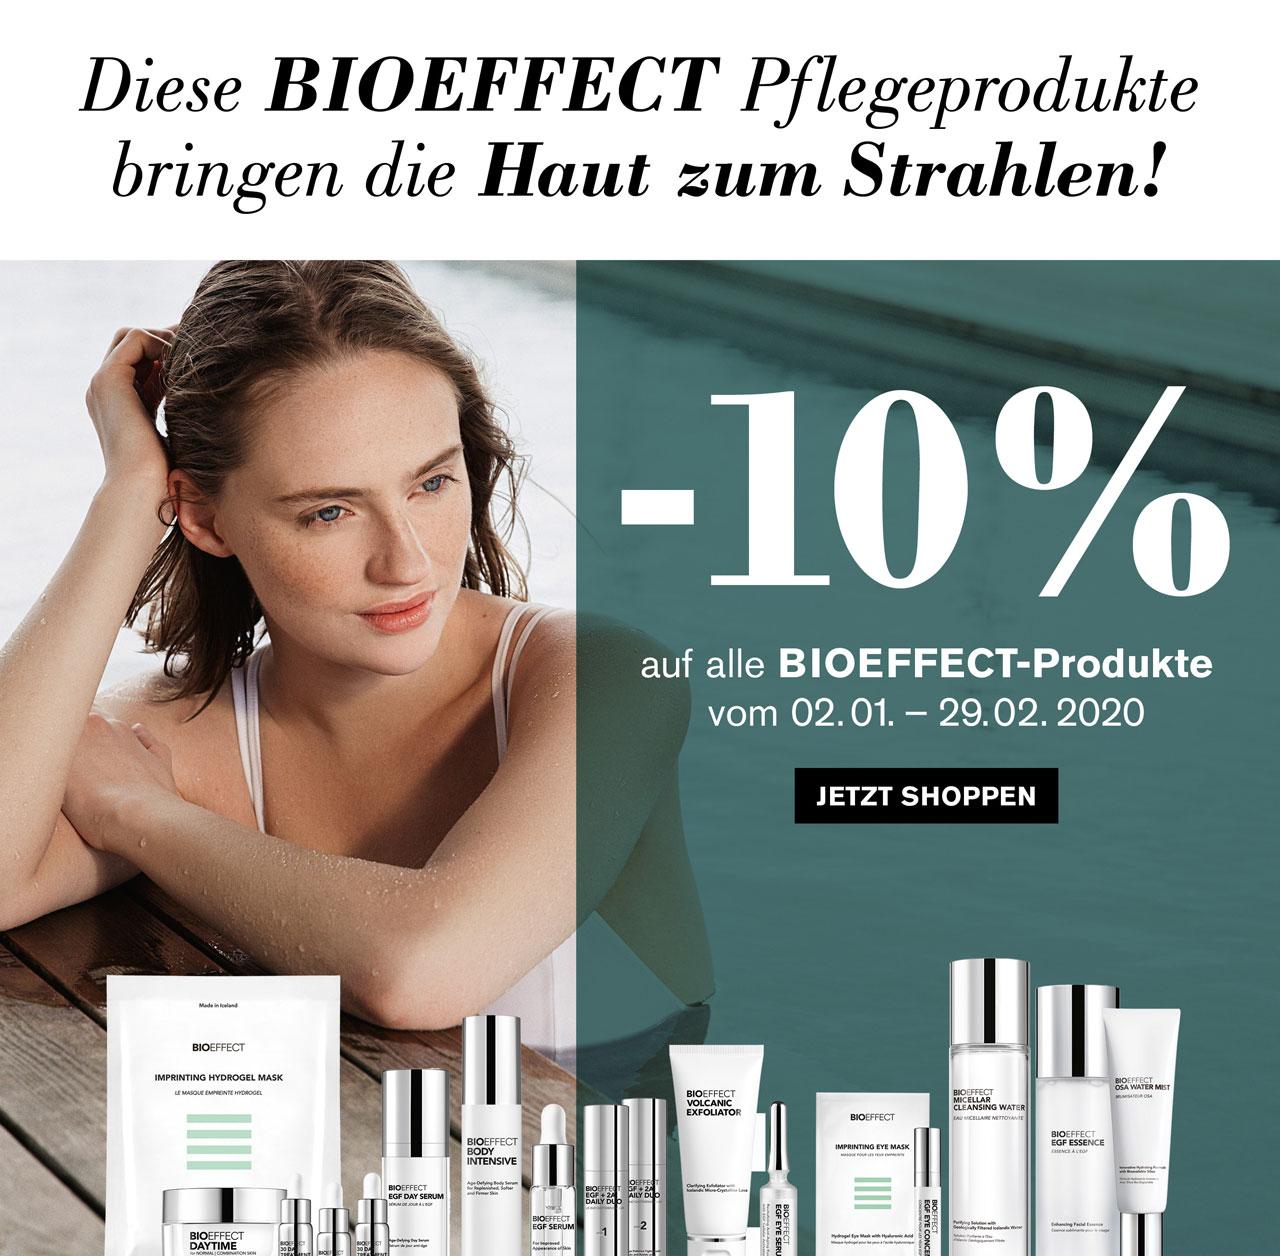 Bioeffect Produkte shoppen